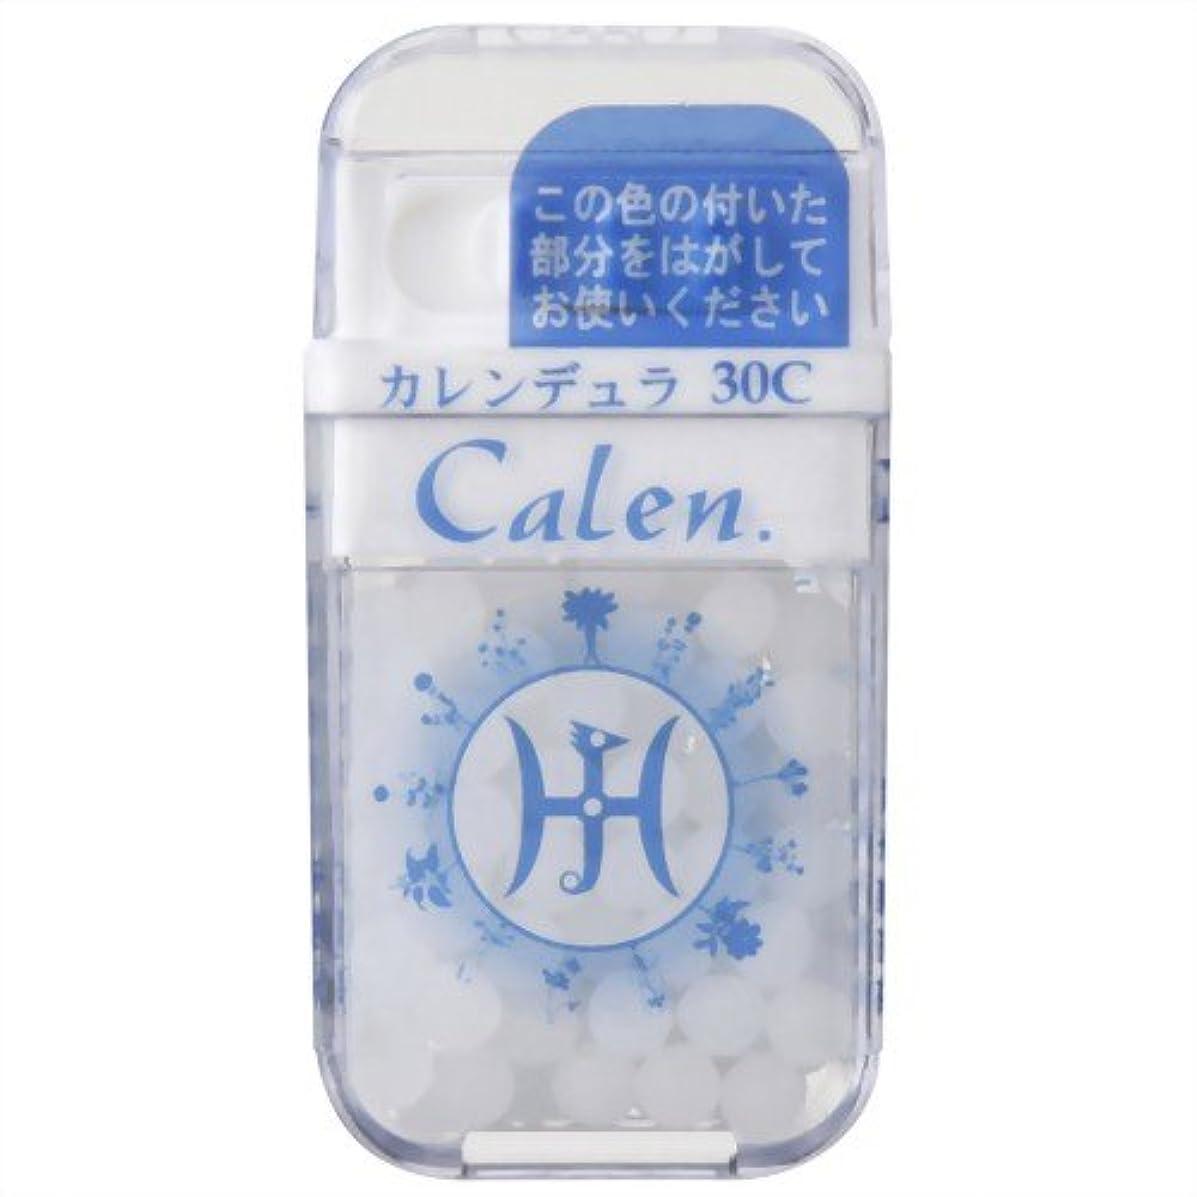 削減謎めいた今ホメオパシージャパンレメディー Calen.  カレンデュラ 30C (大ビン)